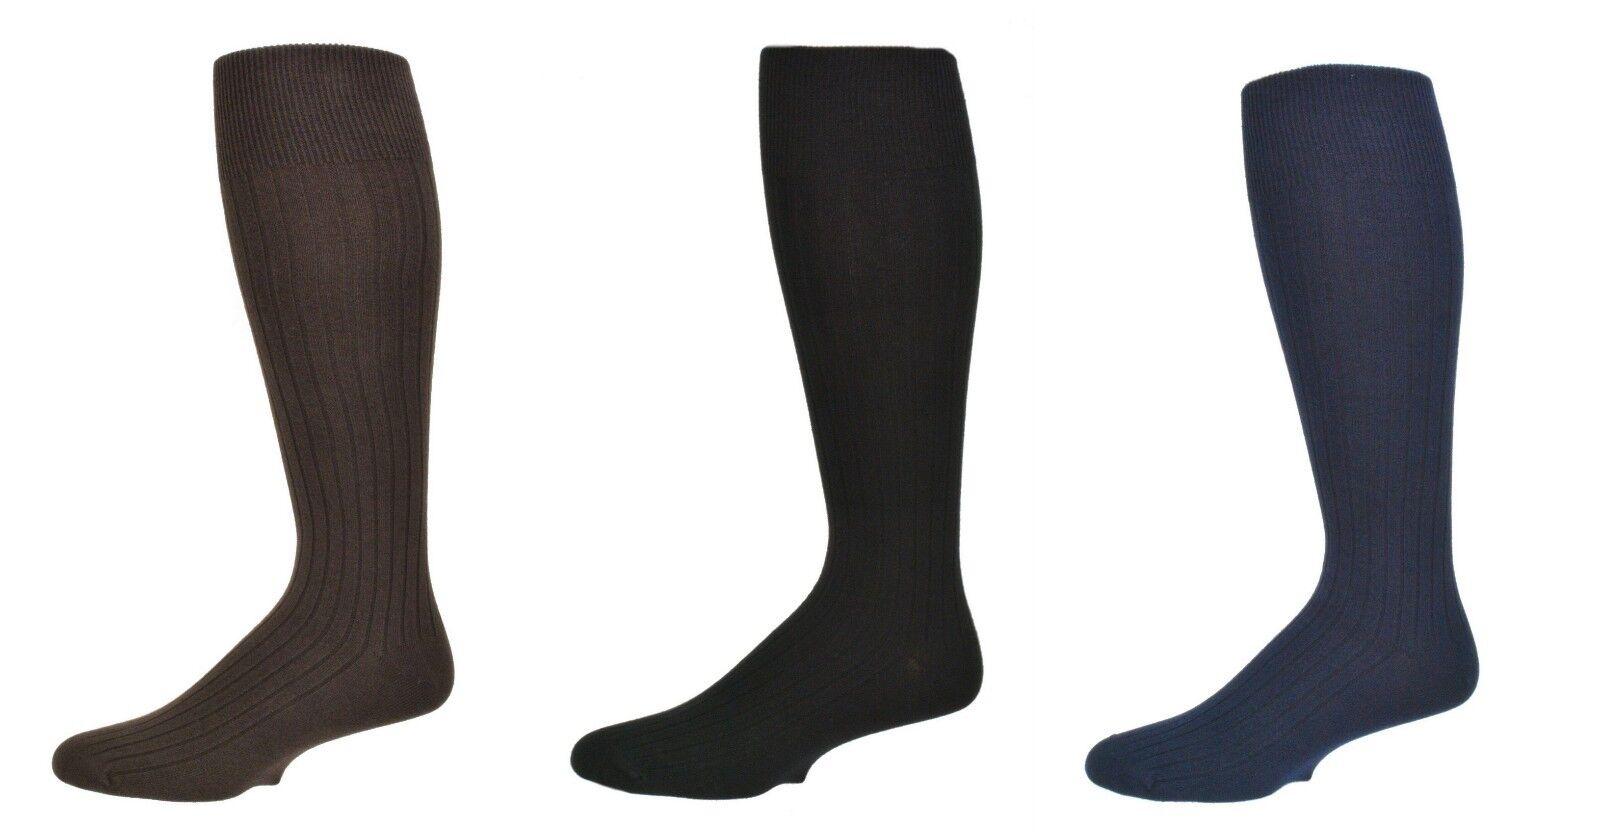 Sierra Socks Men's 3 Pair Pack Classic Dress Over the Calf C